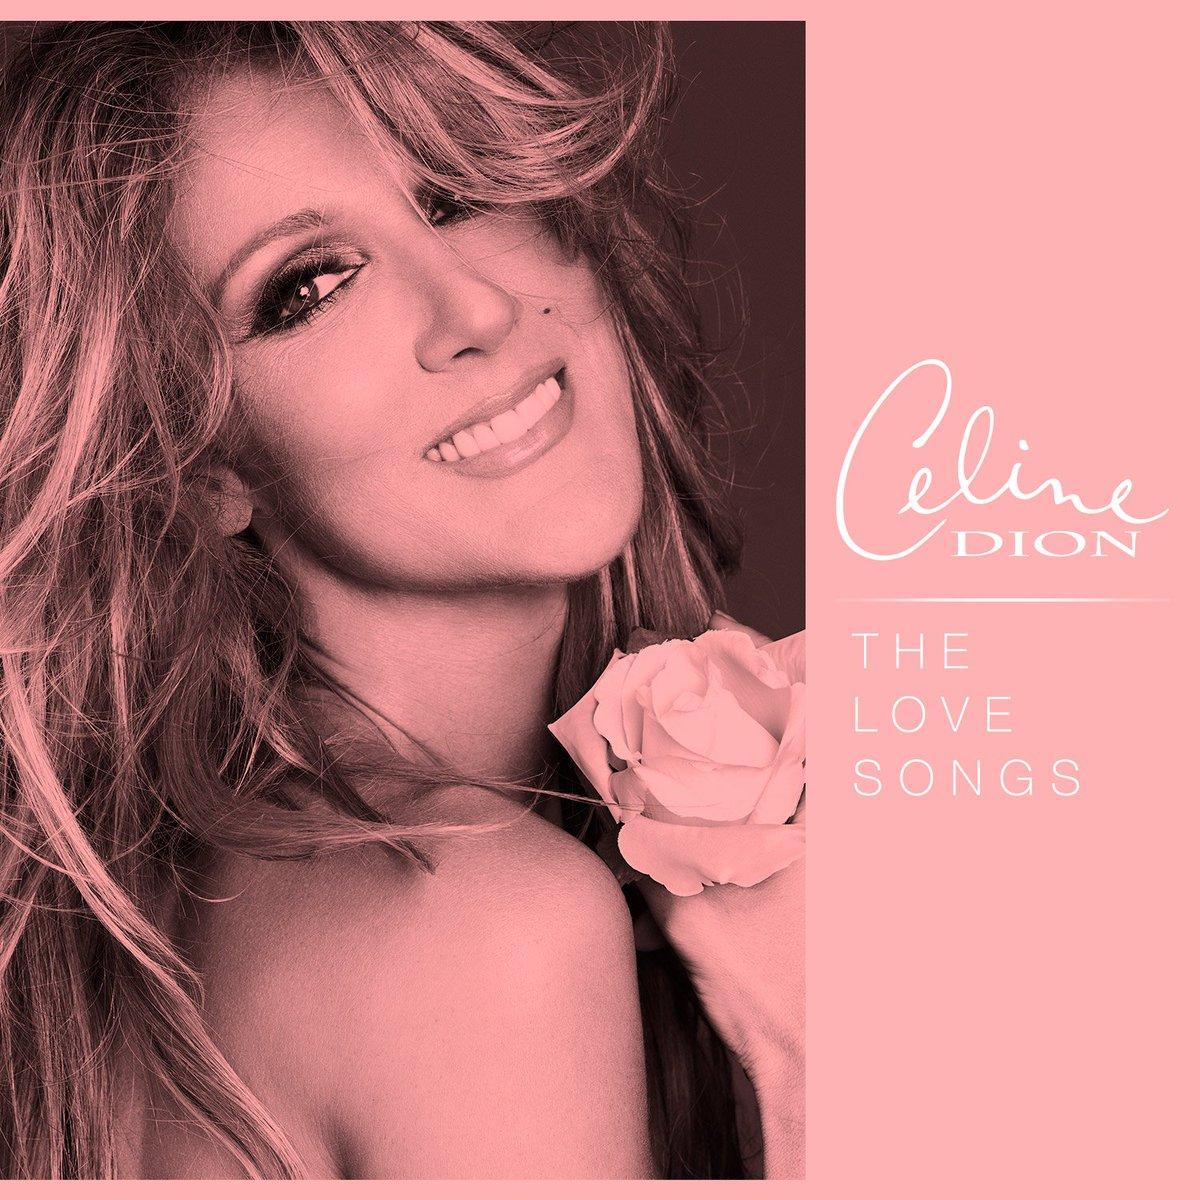 ❤️ Happy Valentine's Day! Joyeuse Saint-Valentin! ❤️ We've created a brand new playlist featuring timeless Celine songs...Love to you all!/Nous avons créé une toute nouvelle liste de chansons incluant les succès intemporels de Céline! - TC Listen here 👉🏼  http://smarturl.it/CelineTheLoveSongs…